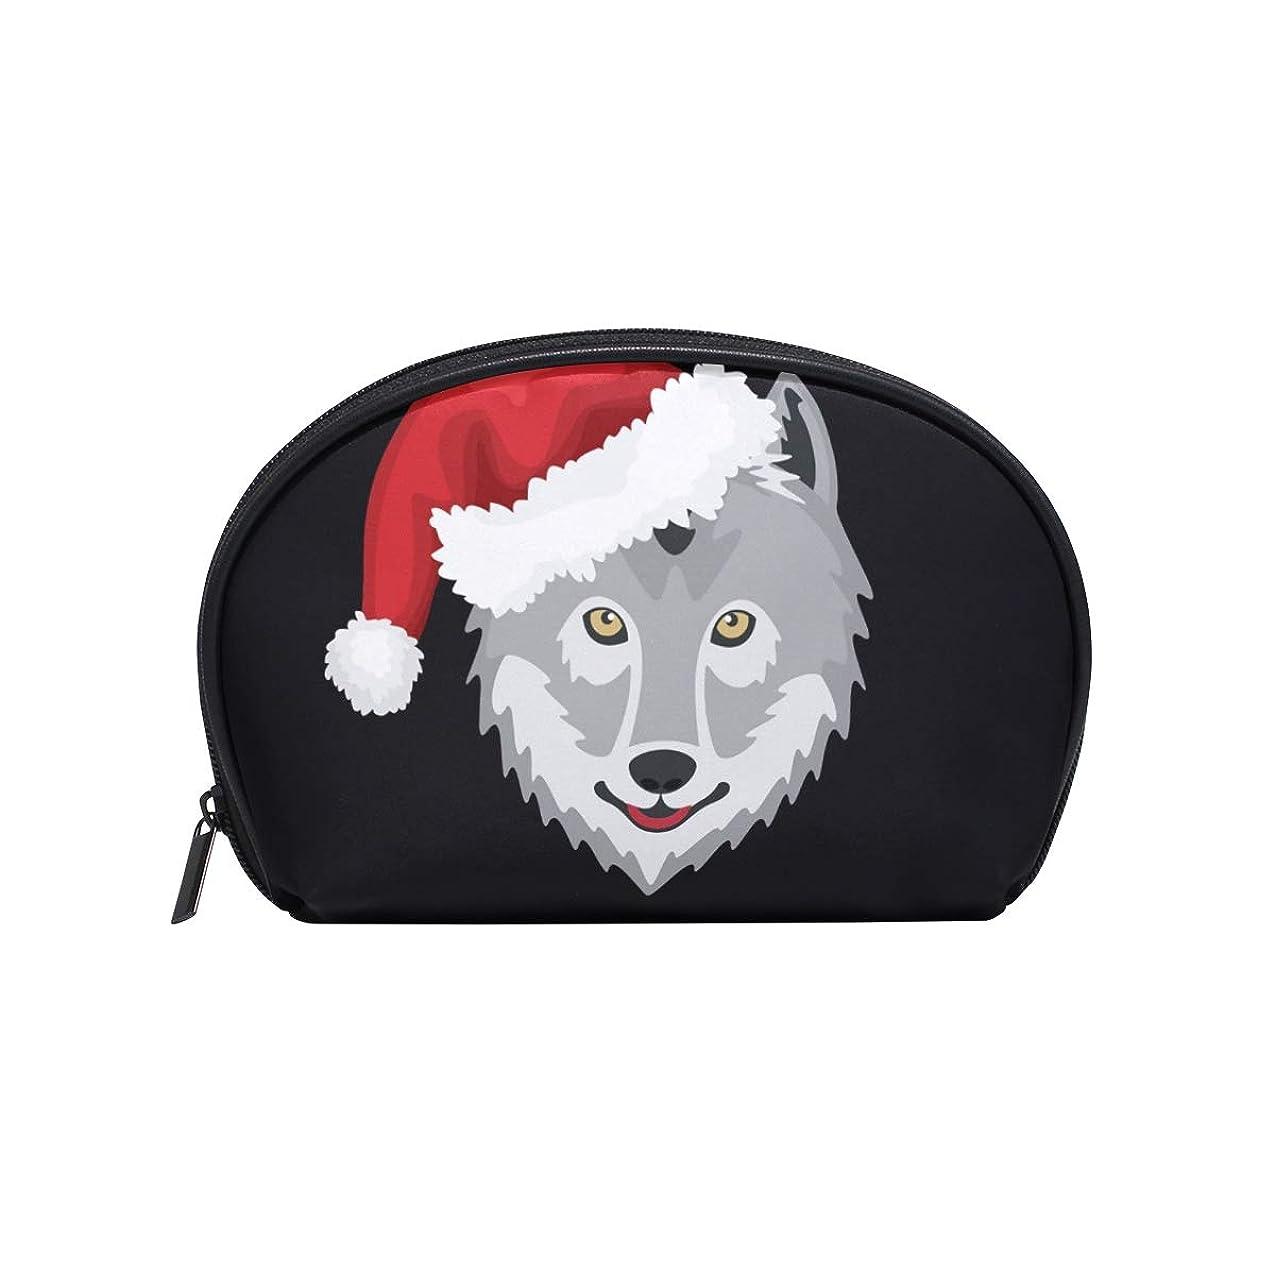 作業不当社会学半月型 北欧 オオカミ 化粧ポーチ コスメポーチ コスメバッグ メイクポーチ 大容量 旅行 小物入れ